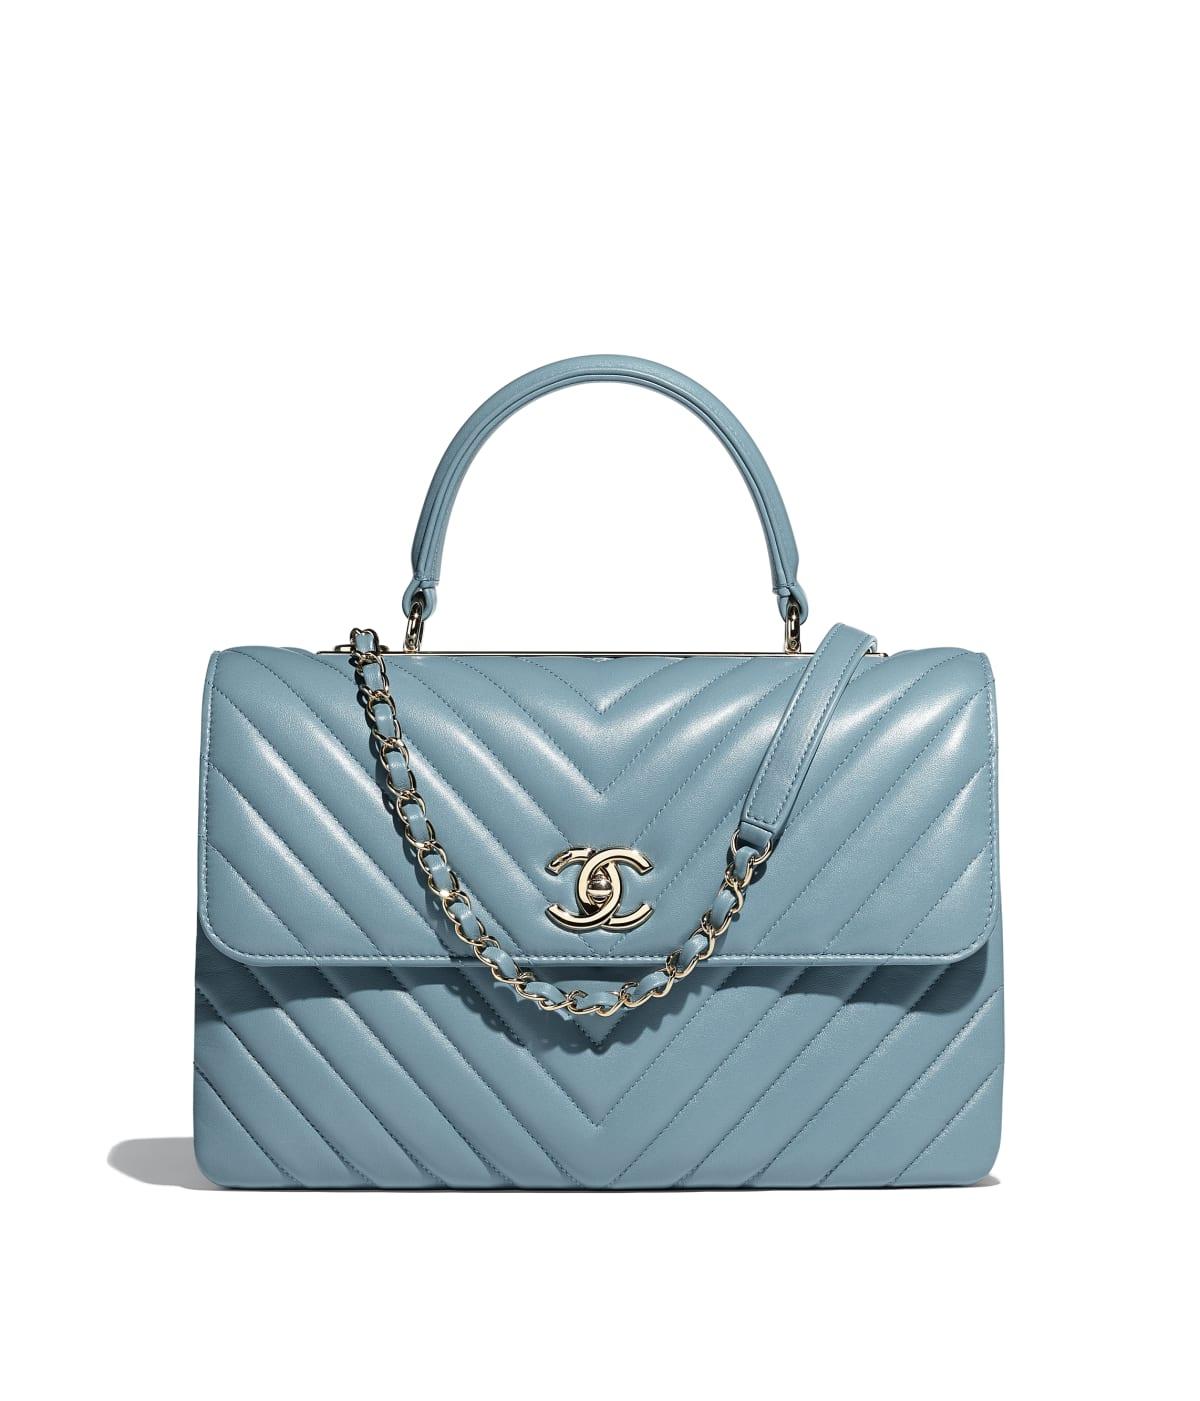 Shoptagr Pattentasche Mit Griff By Chanel